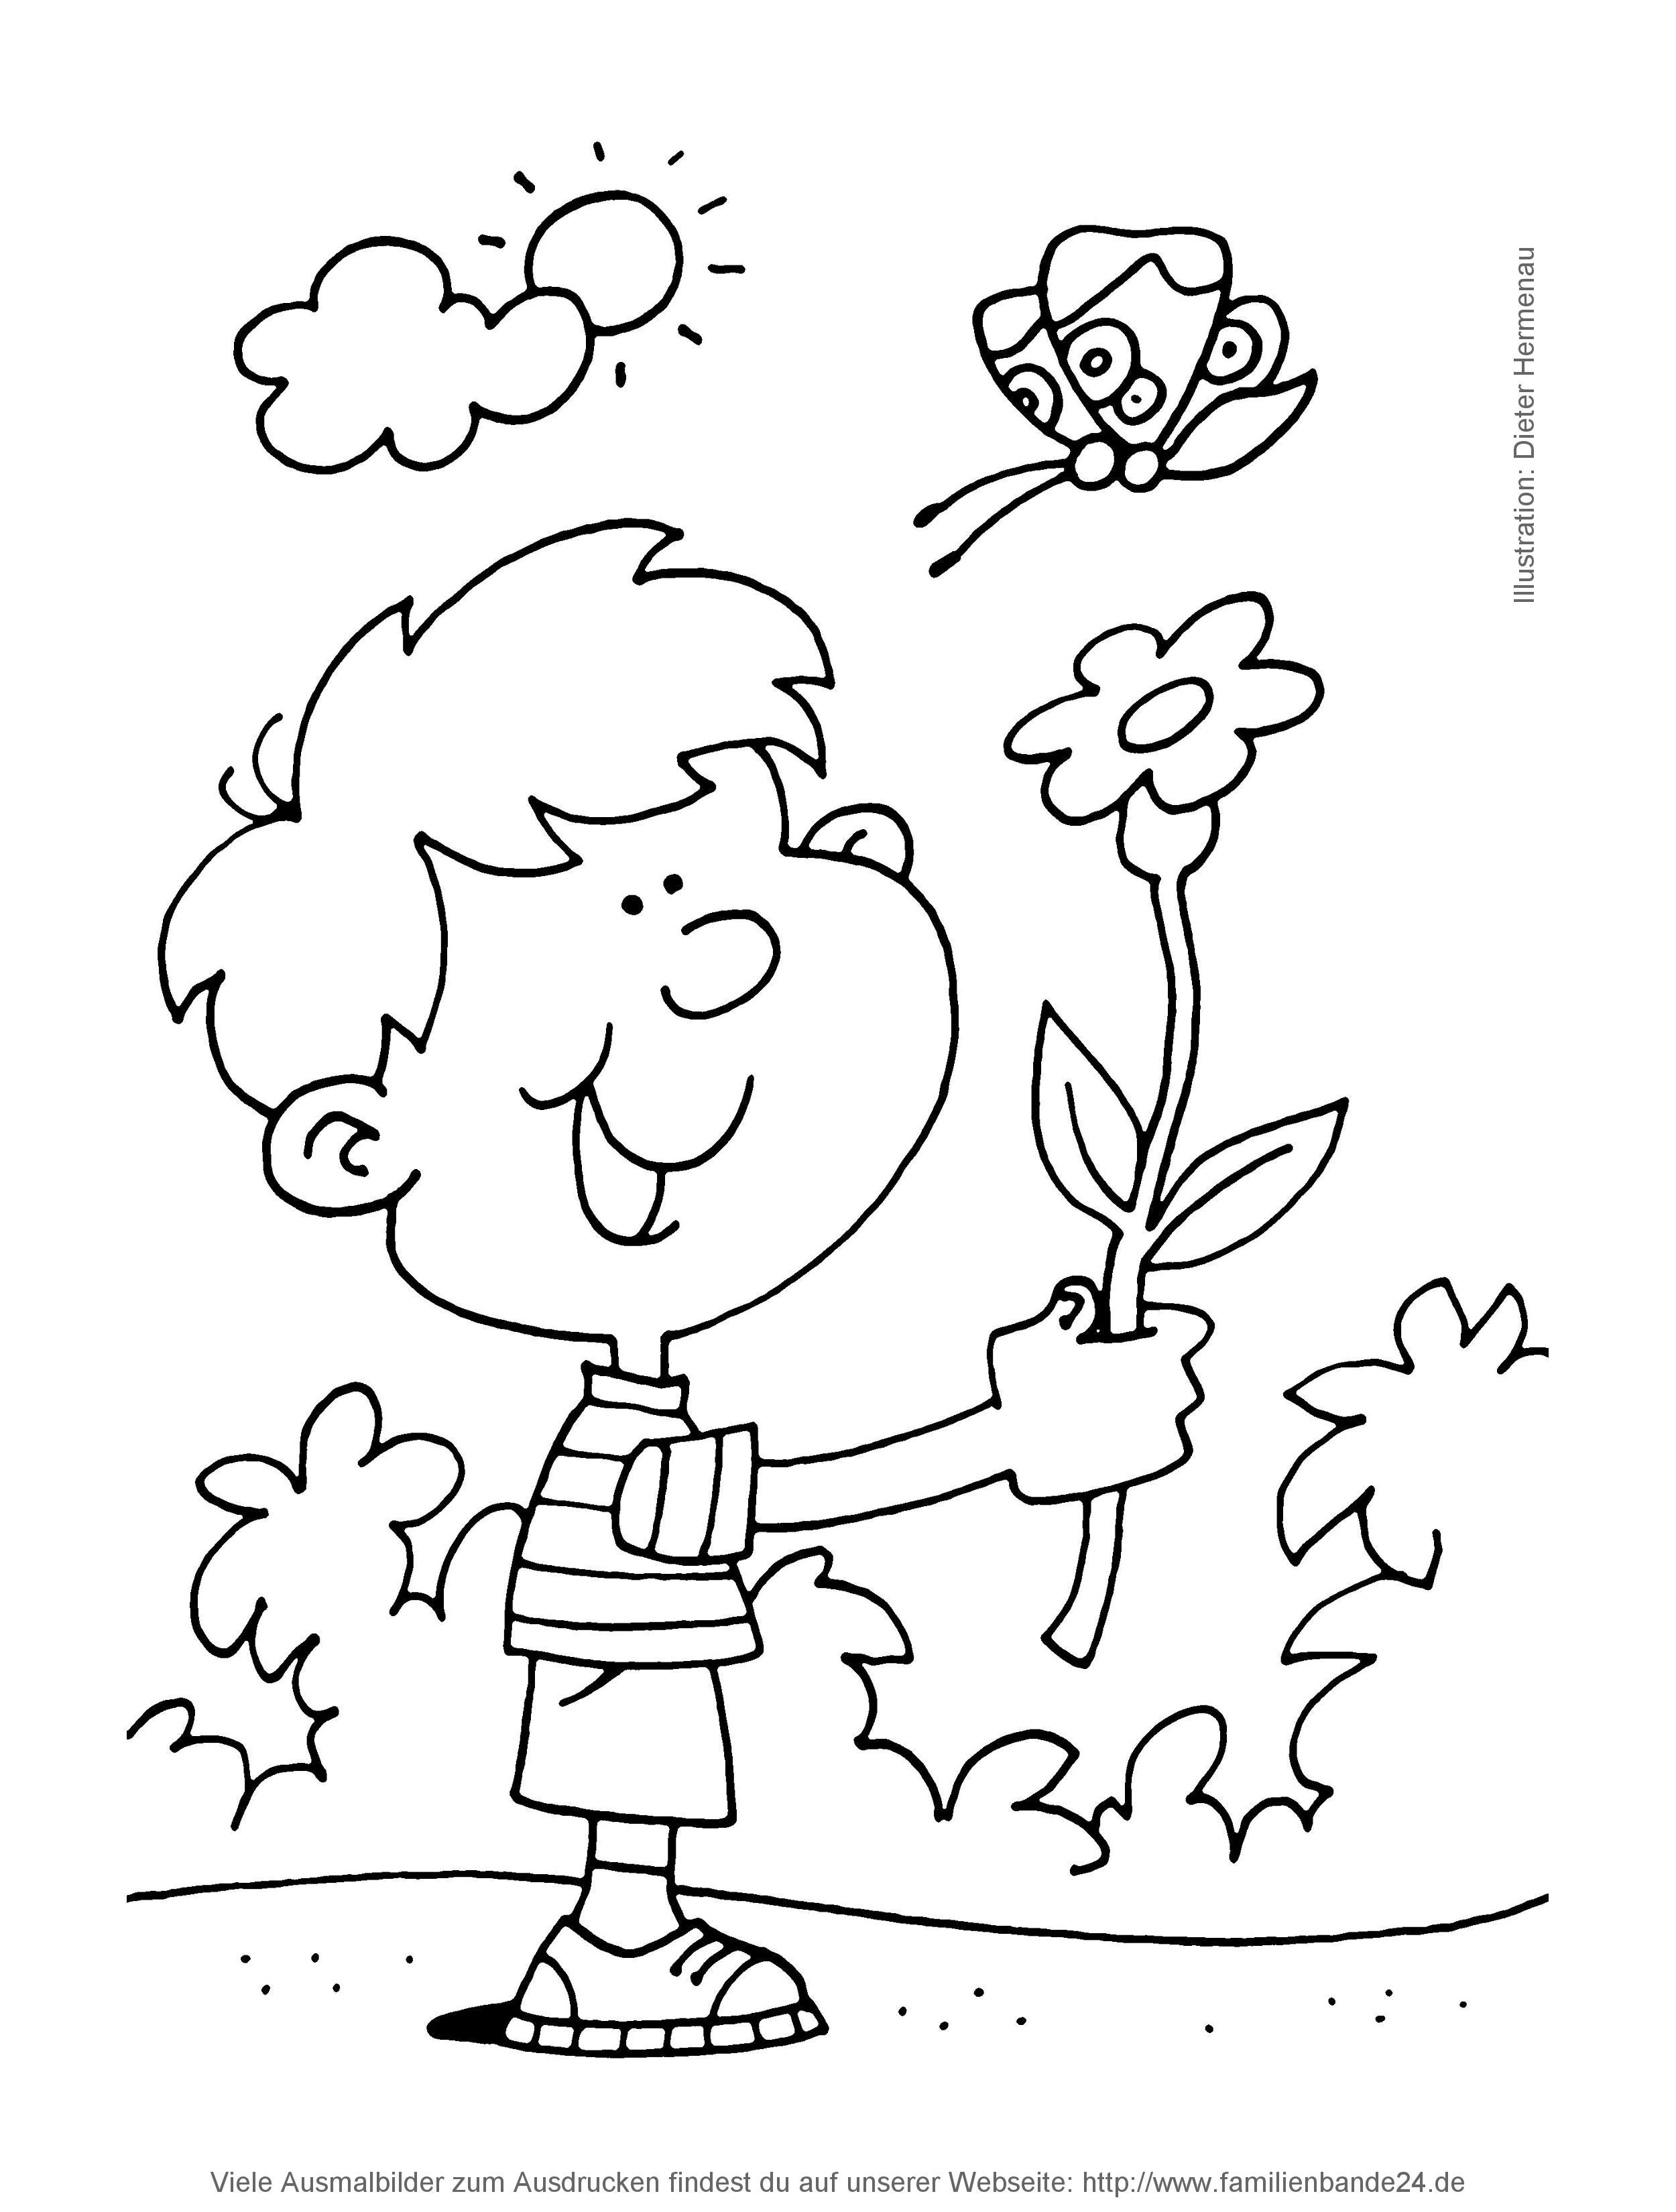 Ausmalbilder Schmetterlinge Blumen : Familienbande24 Alles Zu Vornamen Schwangerschaft Geburt Und Kinder